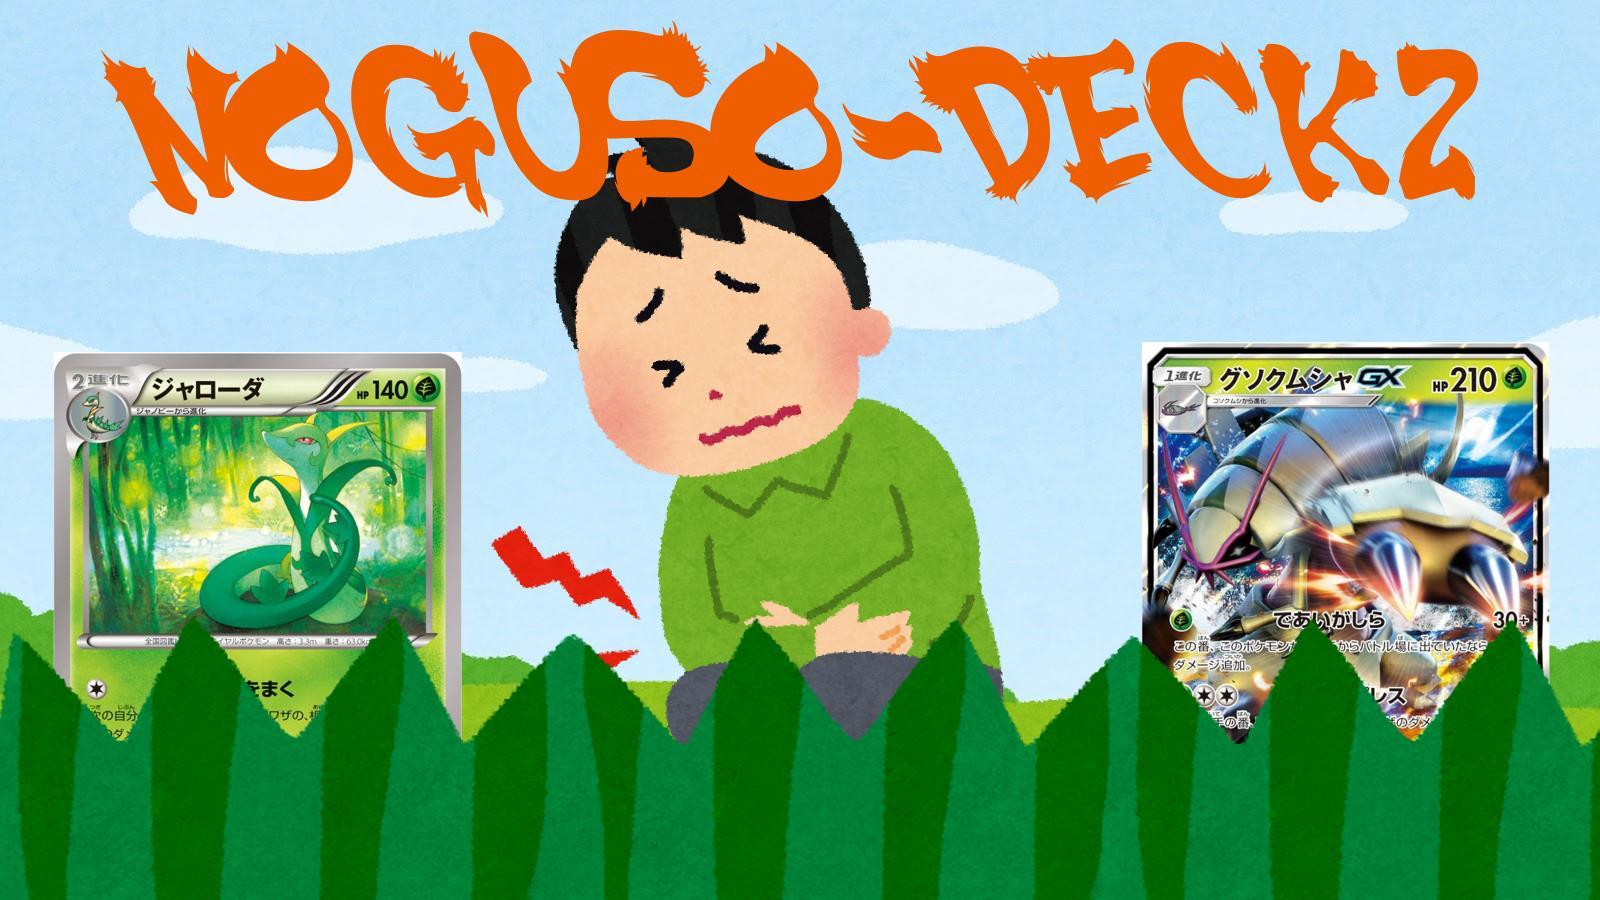 ポケモンカードsm】noguso-deck2   appdate